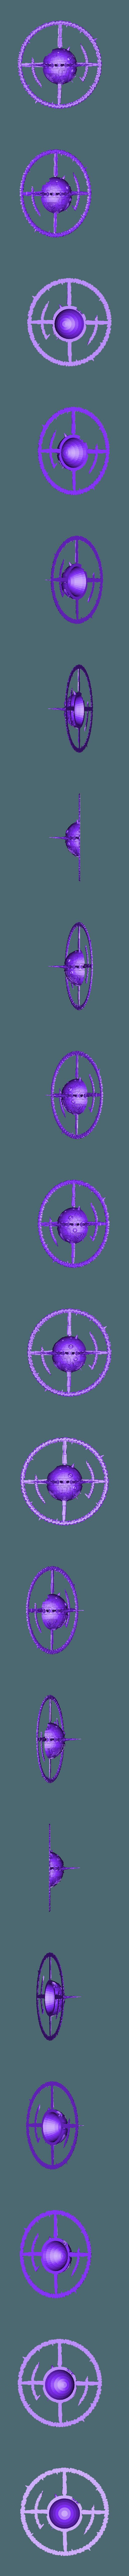 UNICRON BACK HALF.stl Télécharger fichier STL gratuit Transformateurs UNICRON • Objet imprimable en 3D, LittleTup